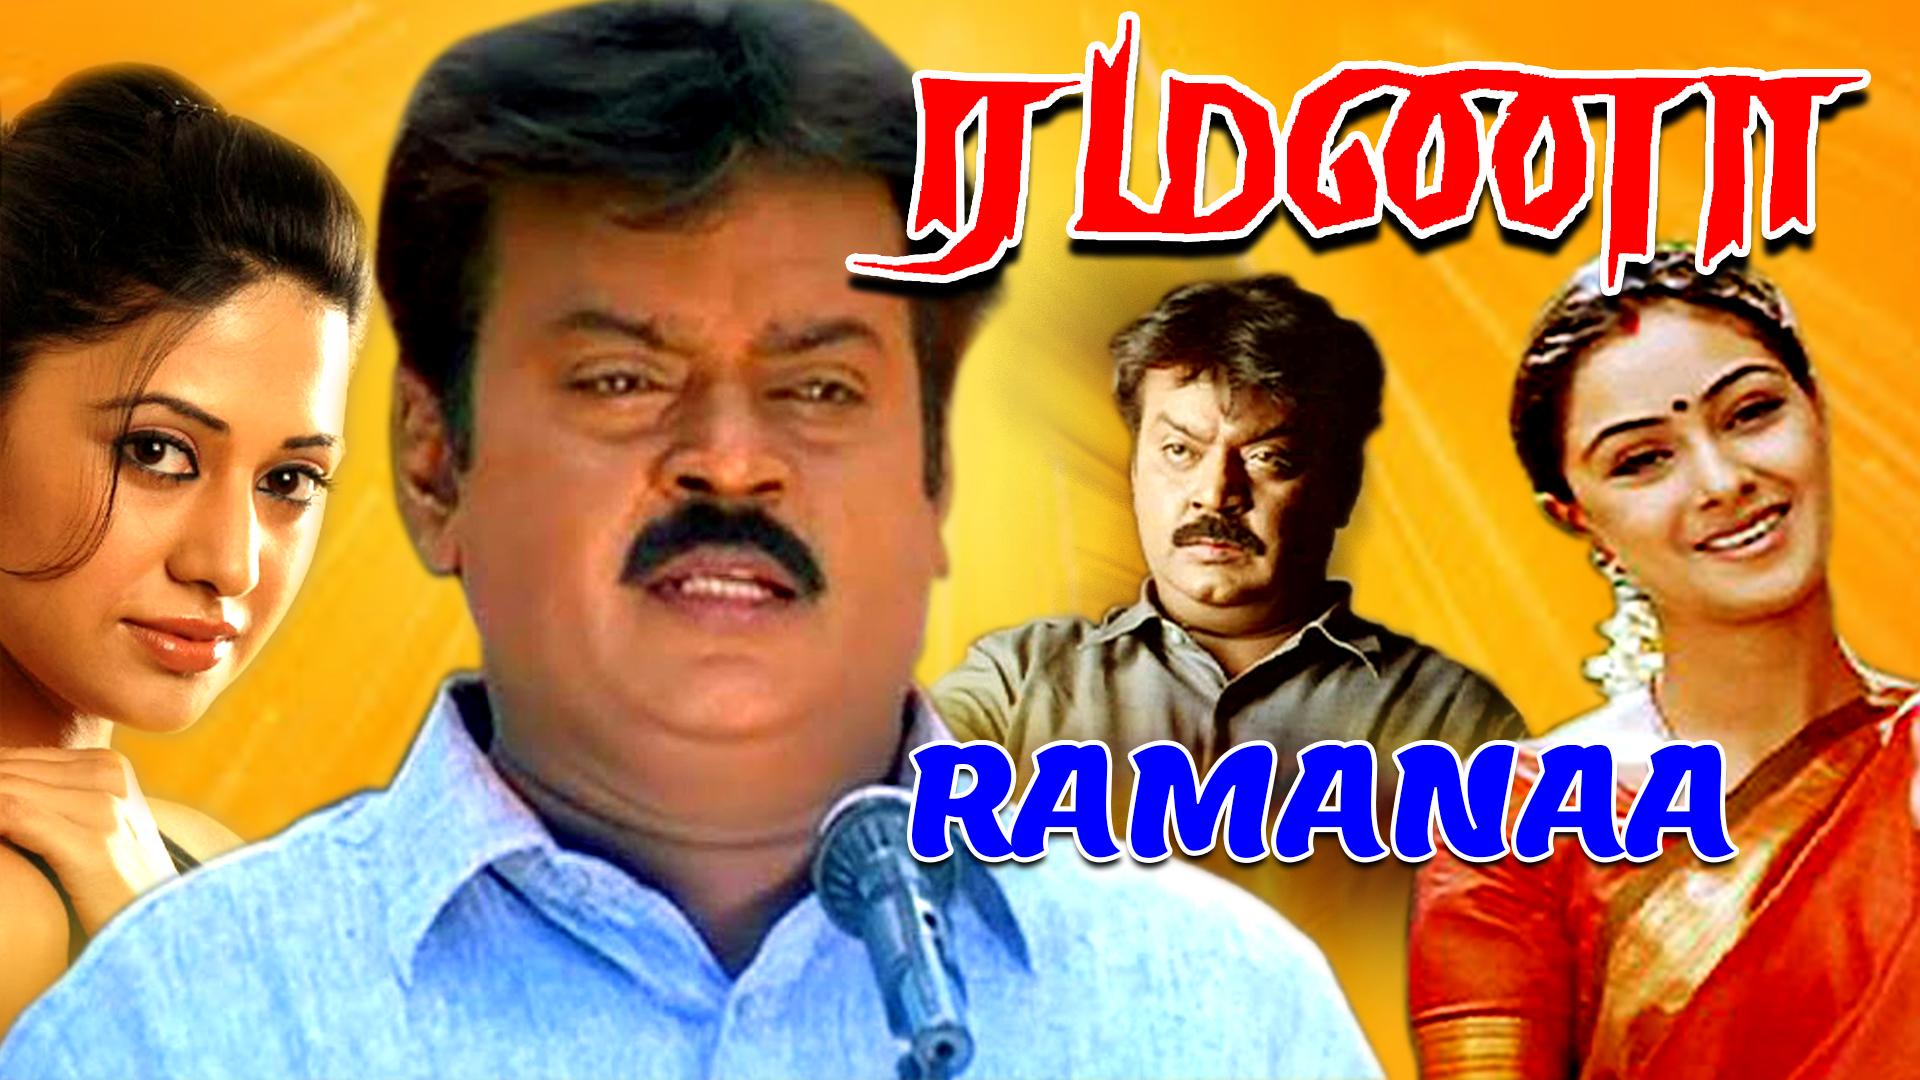 Ramanaa